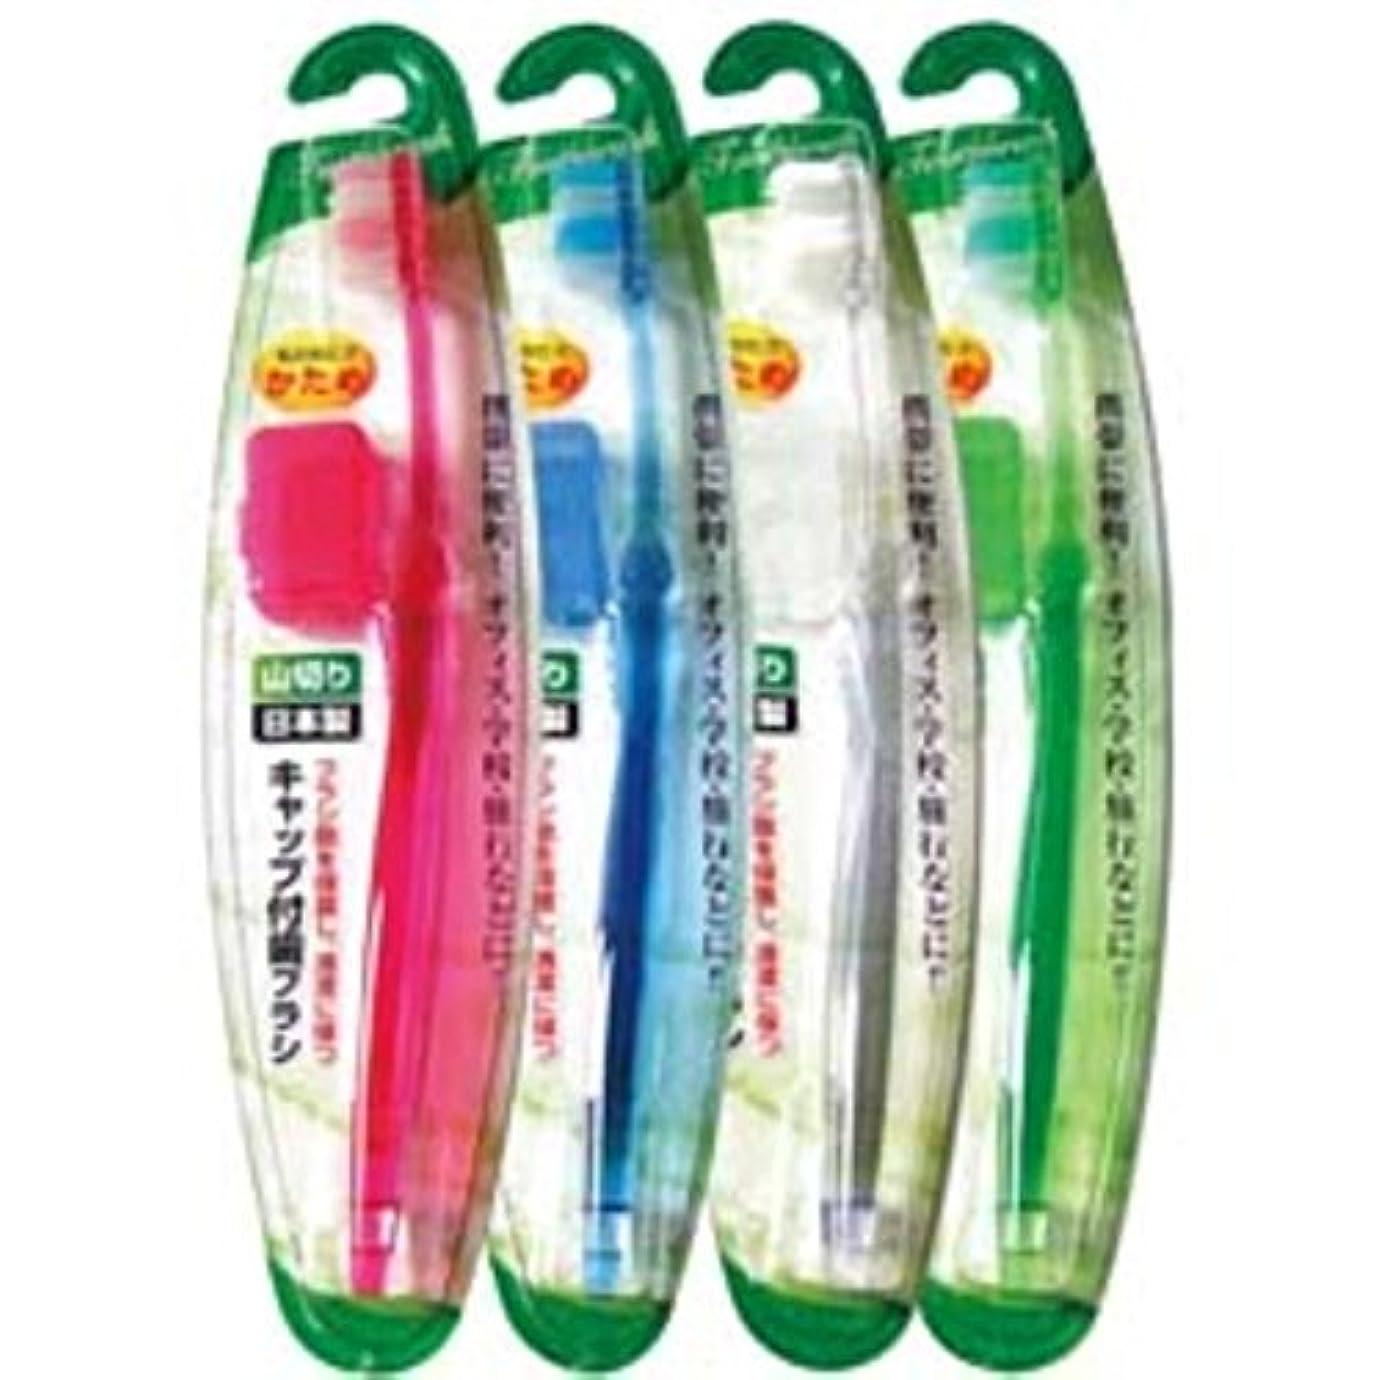 反対に喉頭無一文キャップ付歯ブラシ山切りカット(かため)日本製 japan 【まとめ買い12個セット】 41-210